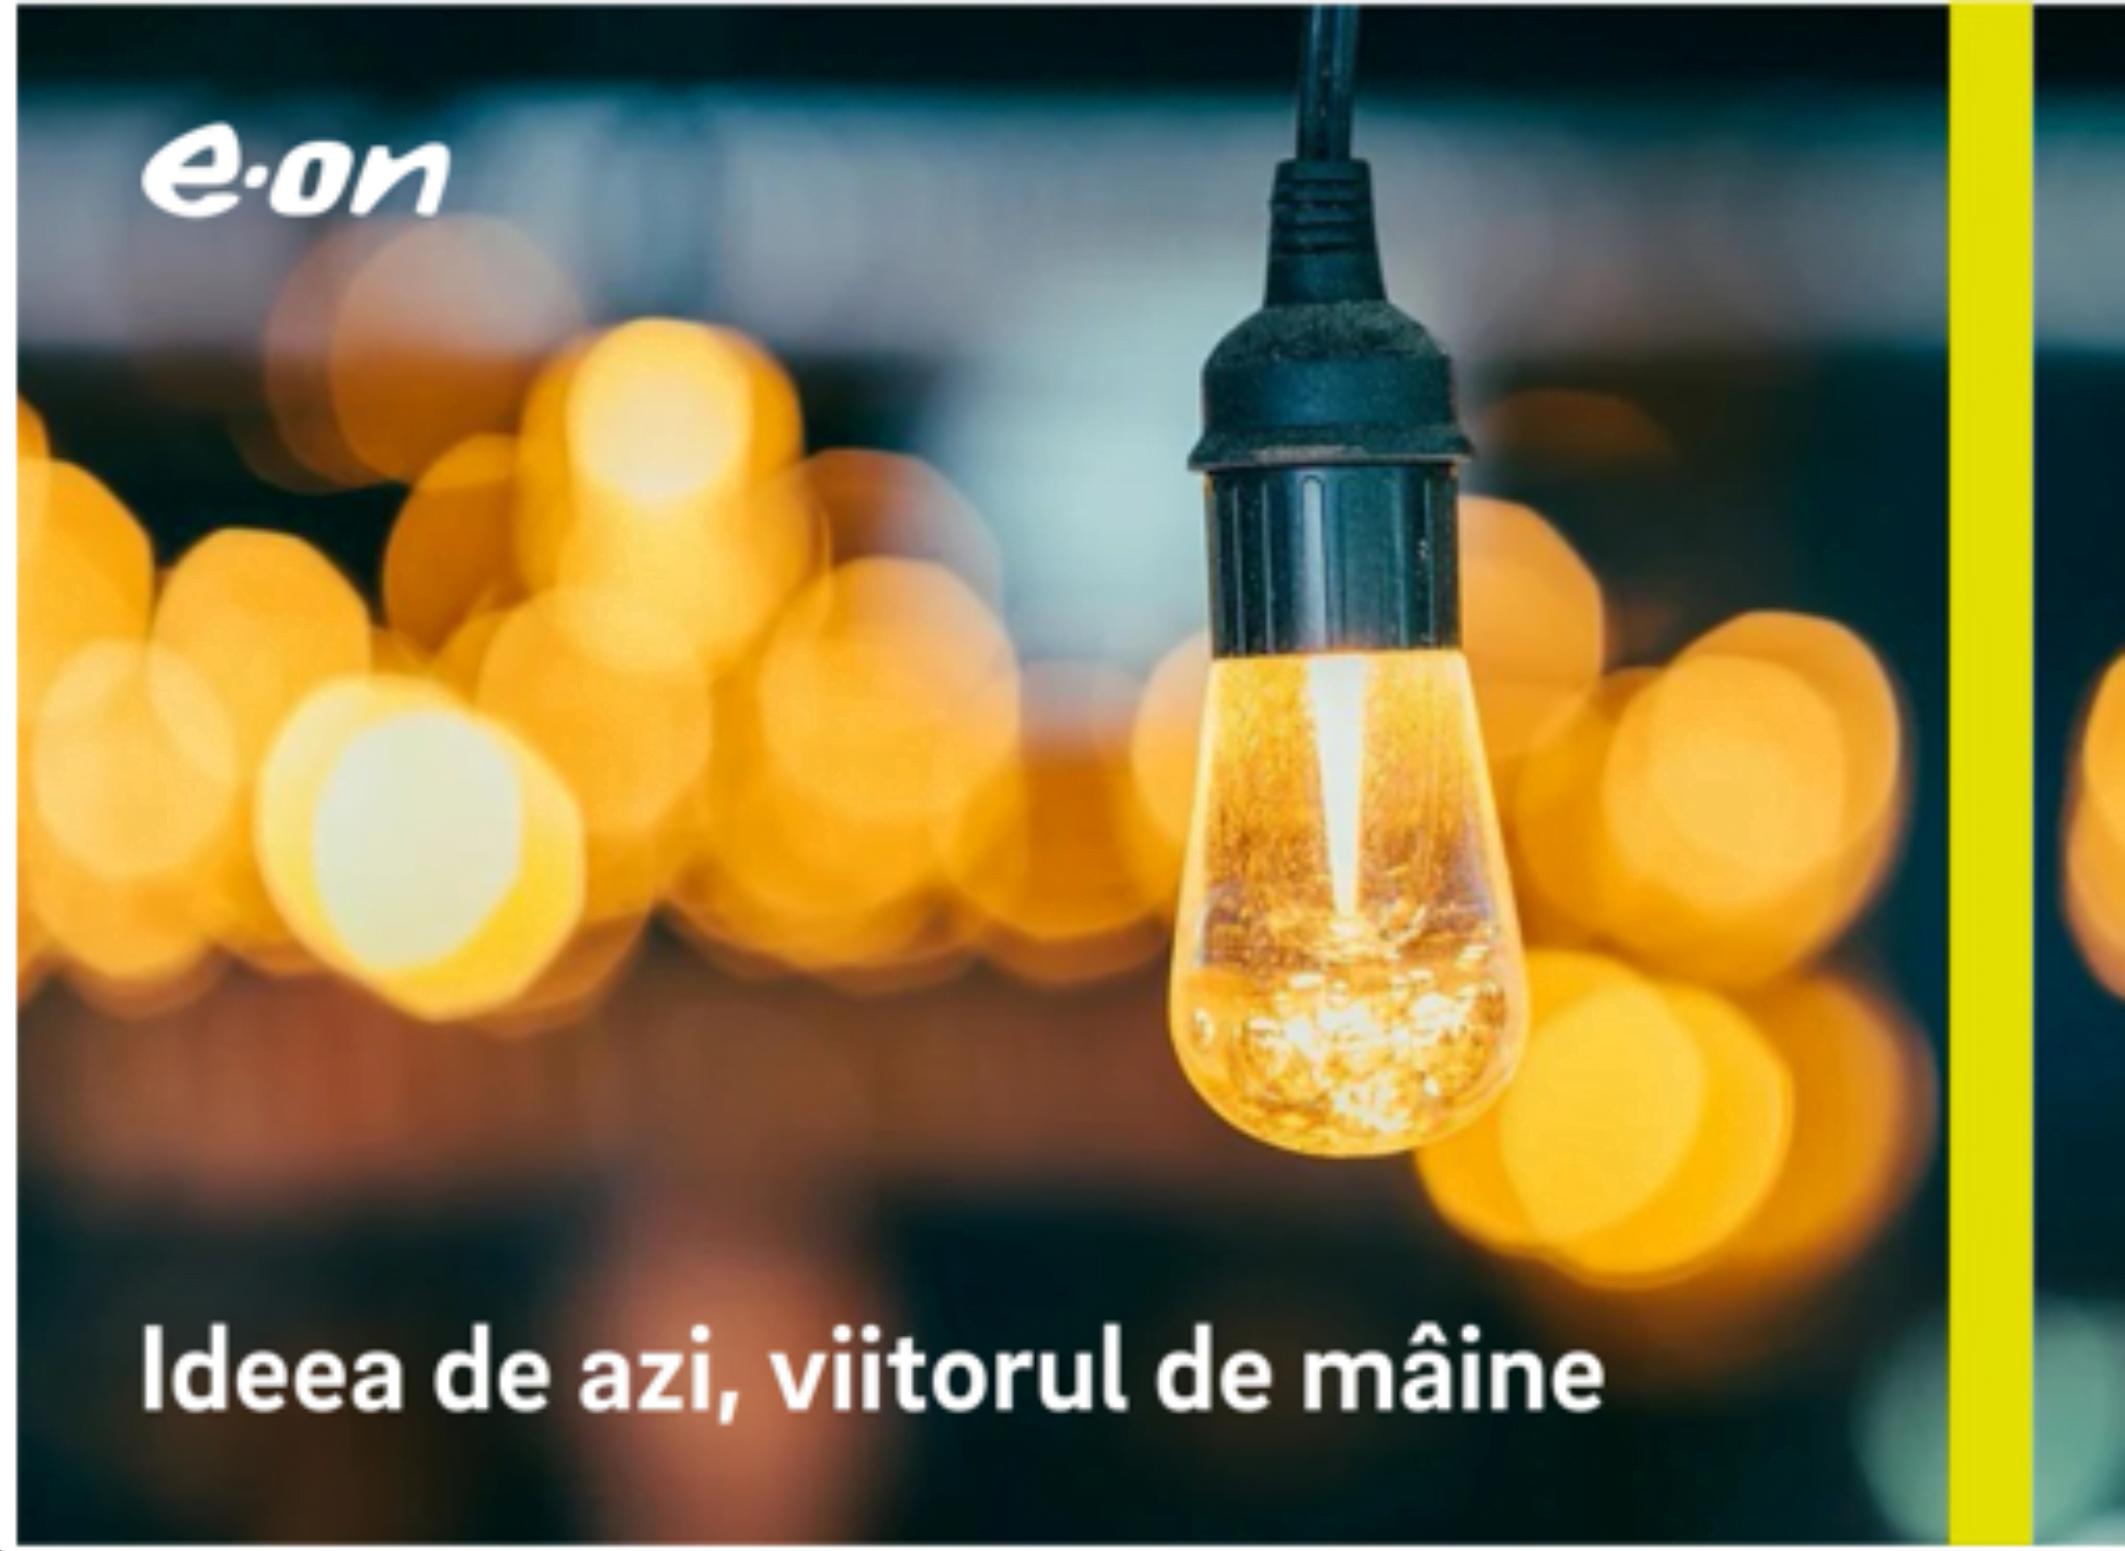 Competiția E.ON Energy Challenge 2021 intră în linie dreaptă